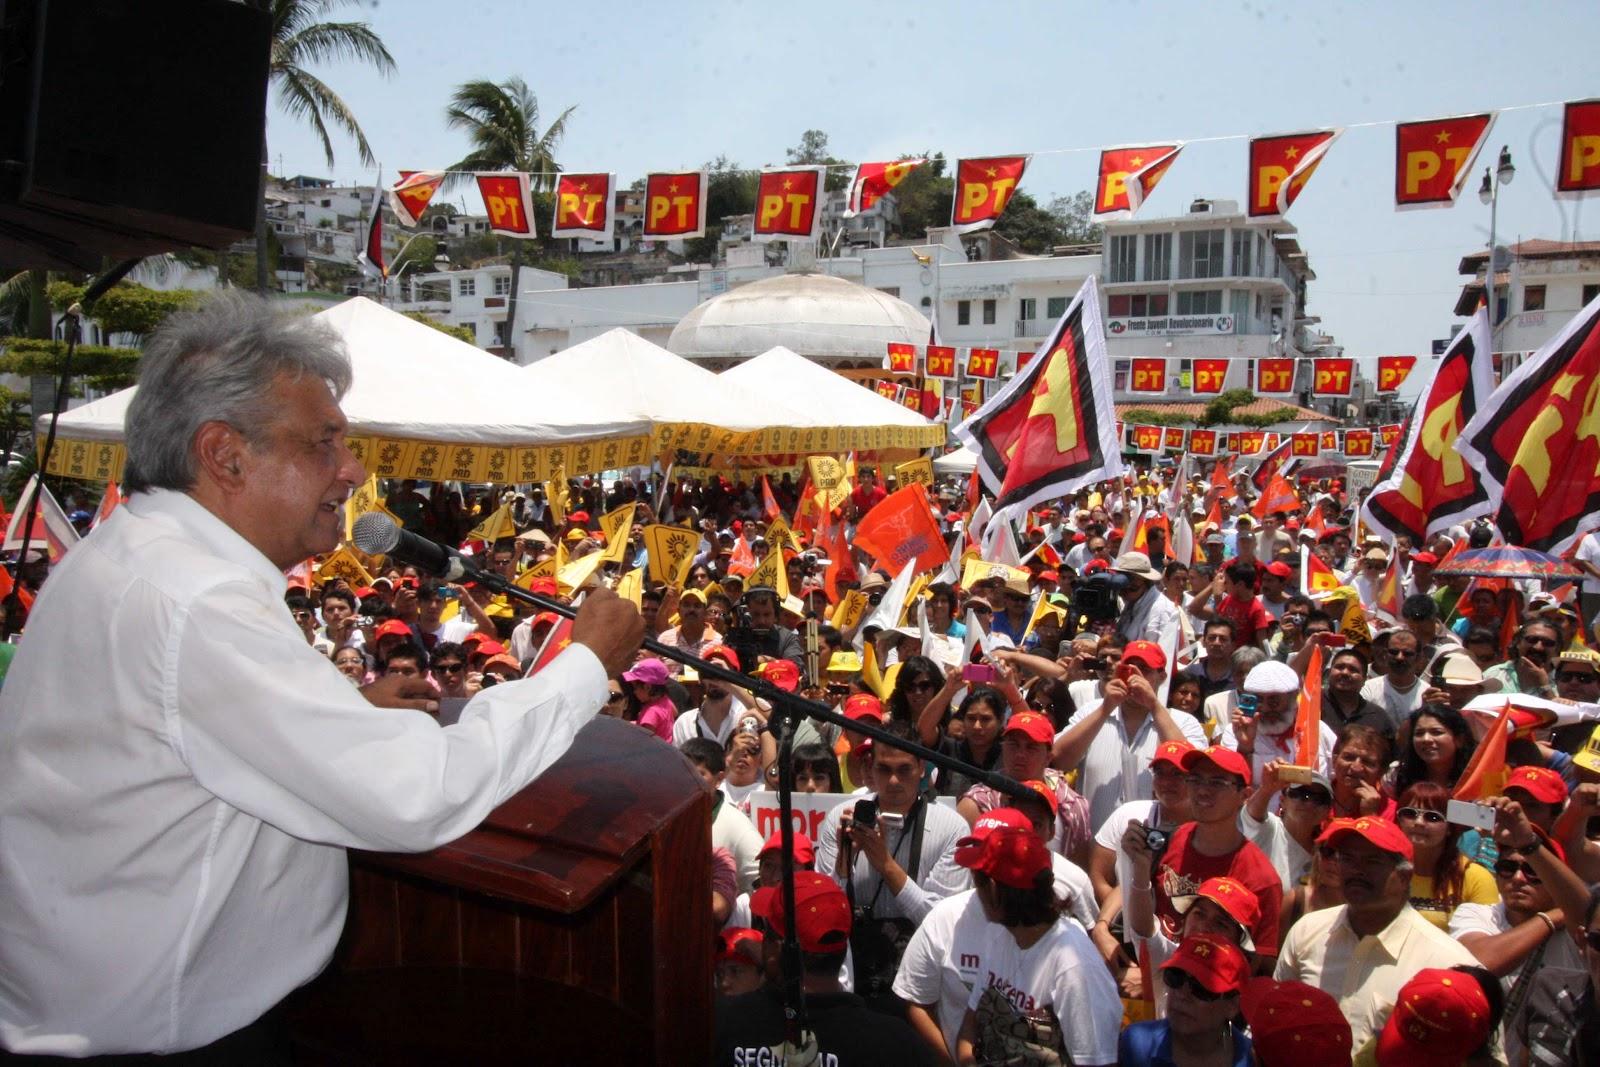 http://3.bp.blogspot.com/-r5q8vuxnoYw/T5nbSr010NI/AAAAAAAAQ3w/fBvUlhVPAVM/s1600/Manzanillo+Colima+%287%29.JPG